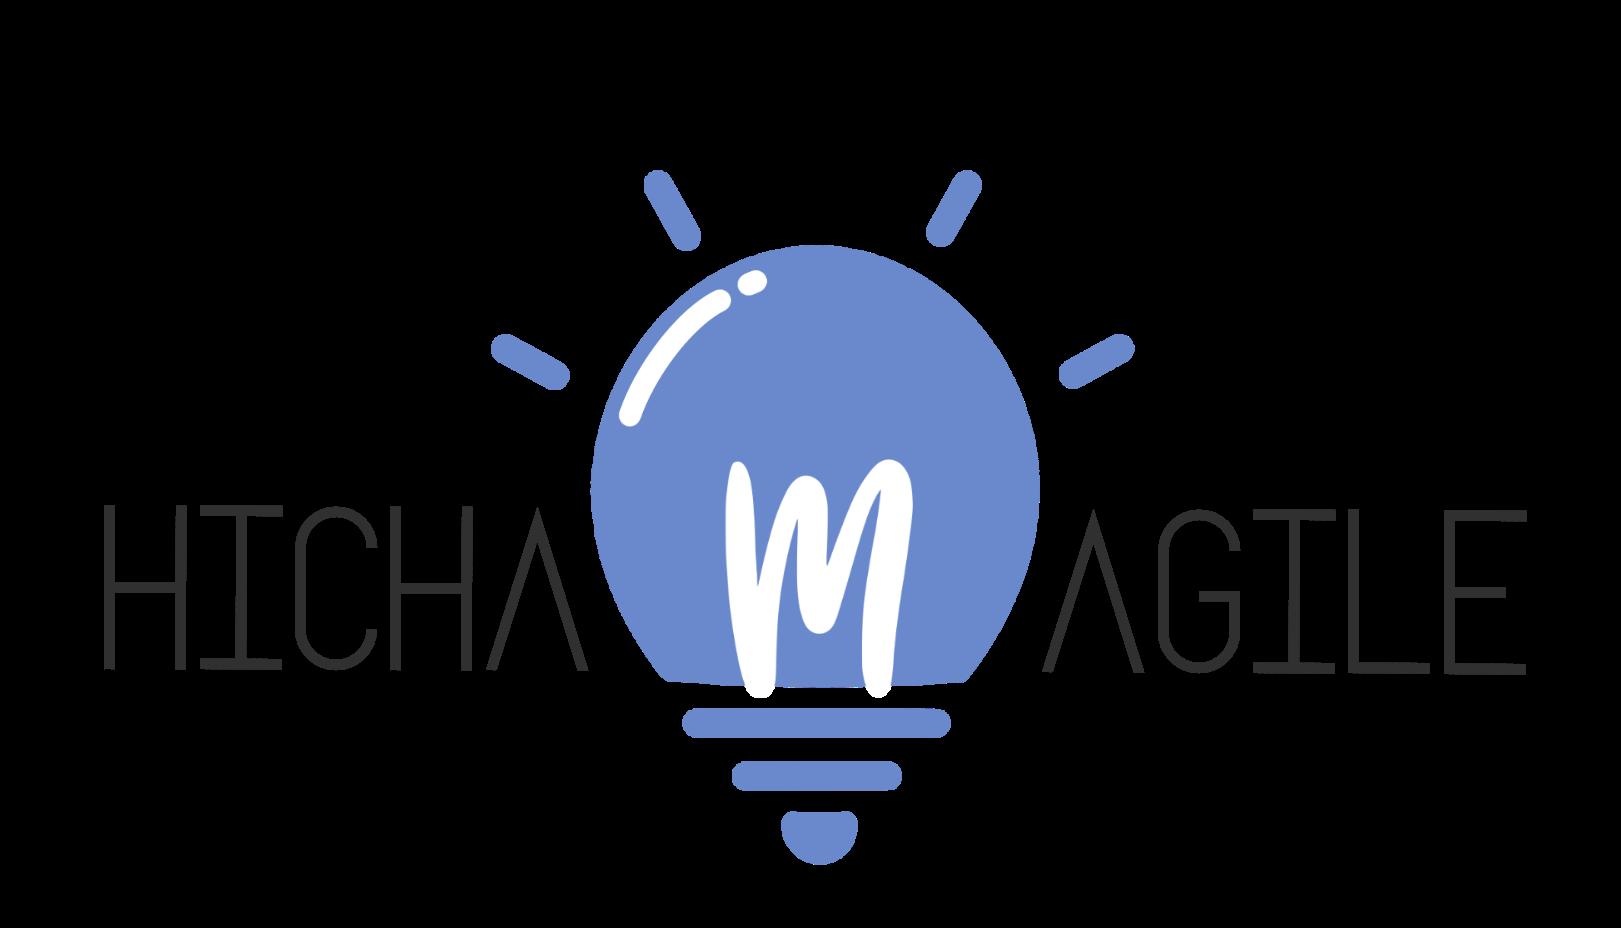 HichamAgile